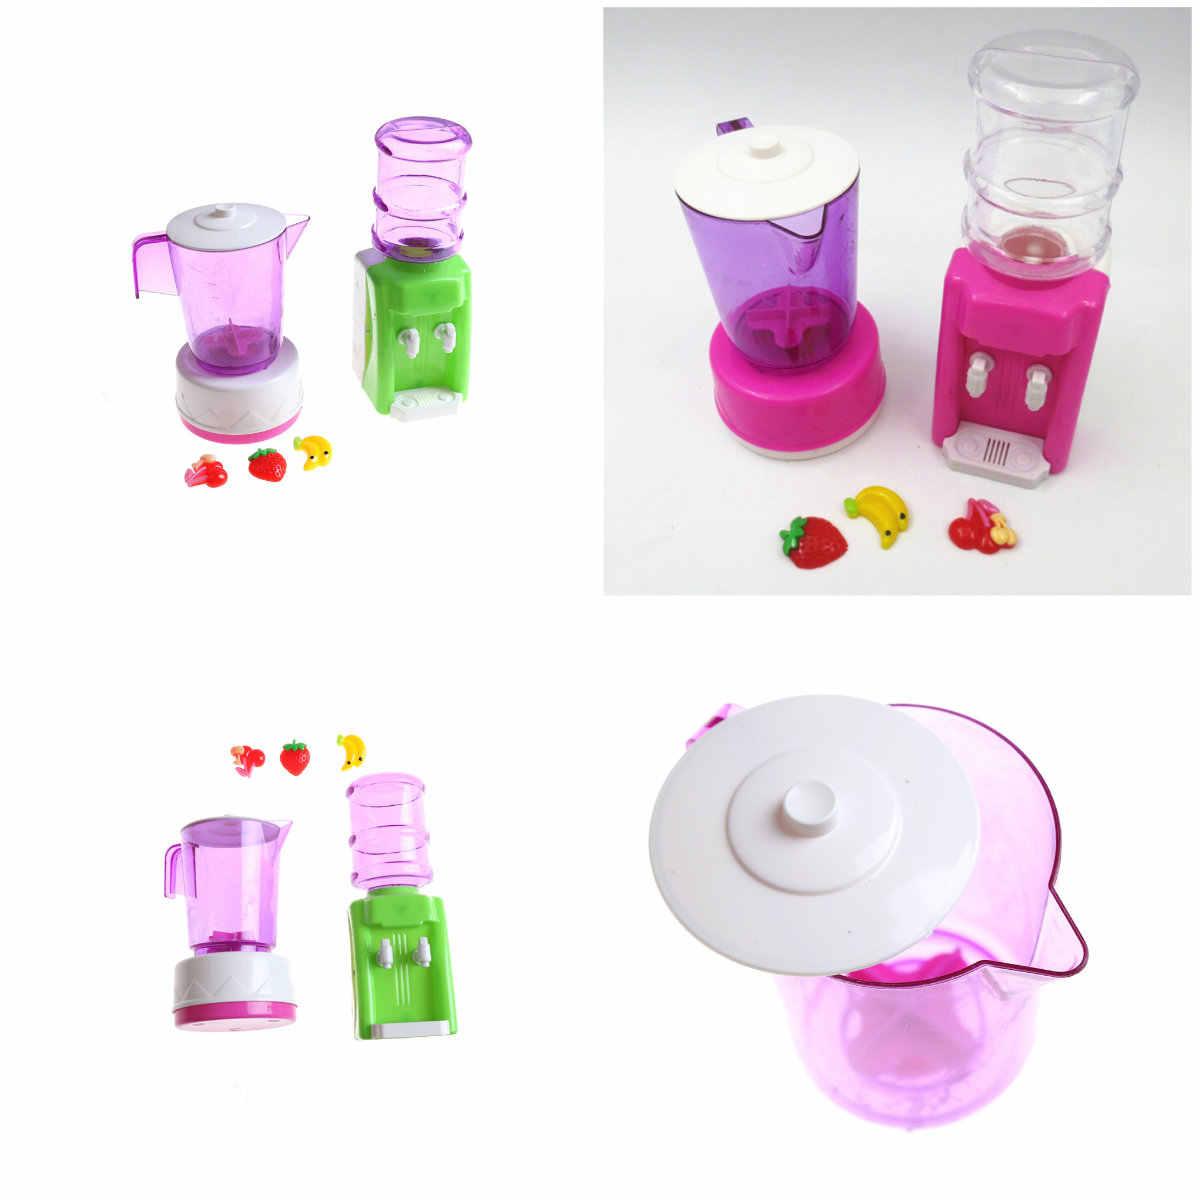 1 Набор кукольный домик Миниатюрная игрушка мини диспенсер для воды набор кукольная еда кухонные аксессуары для гостиной 1:12 весы